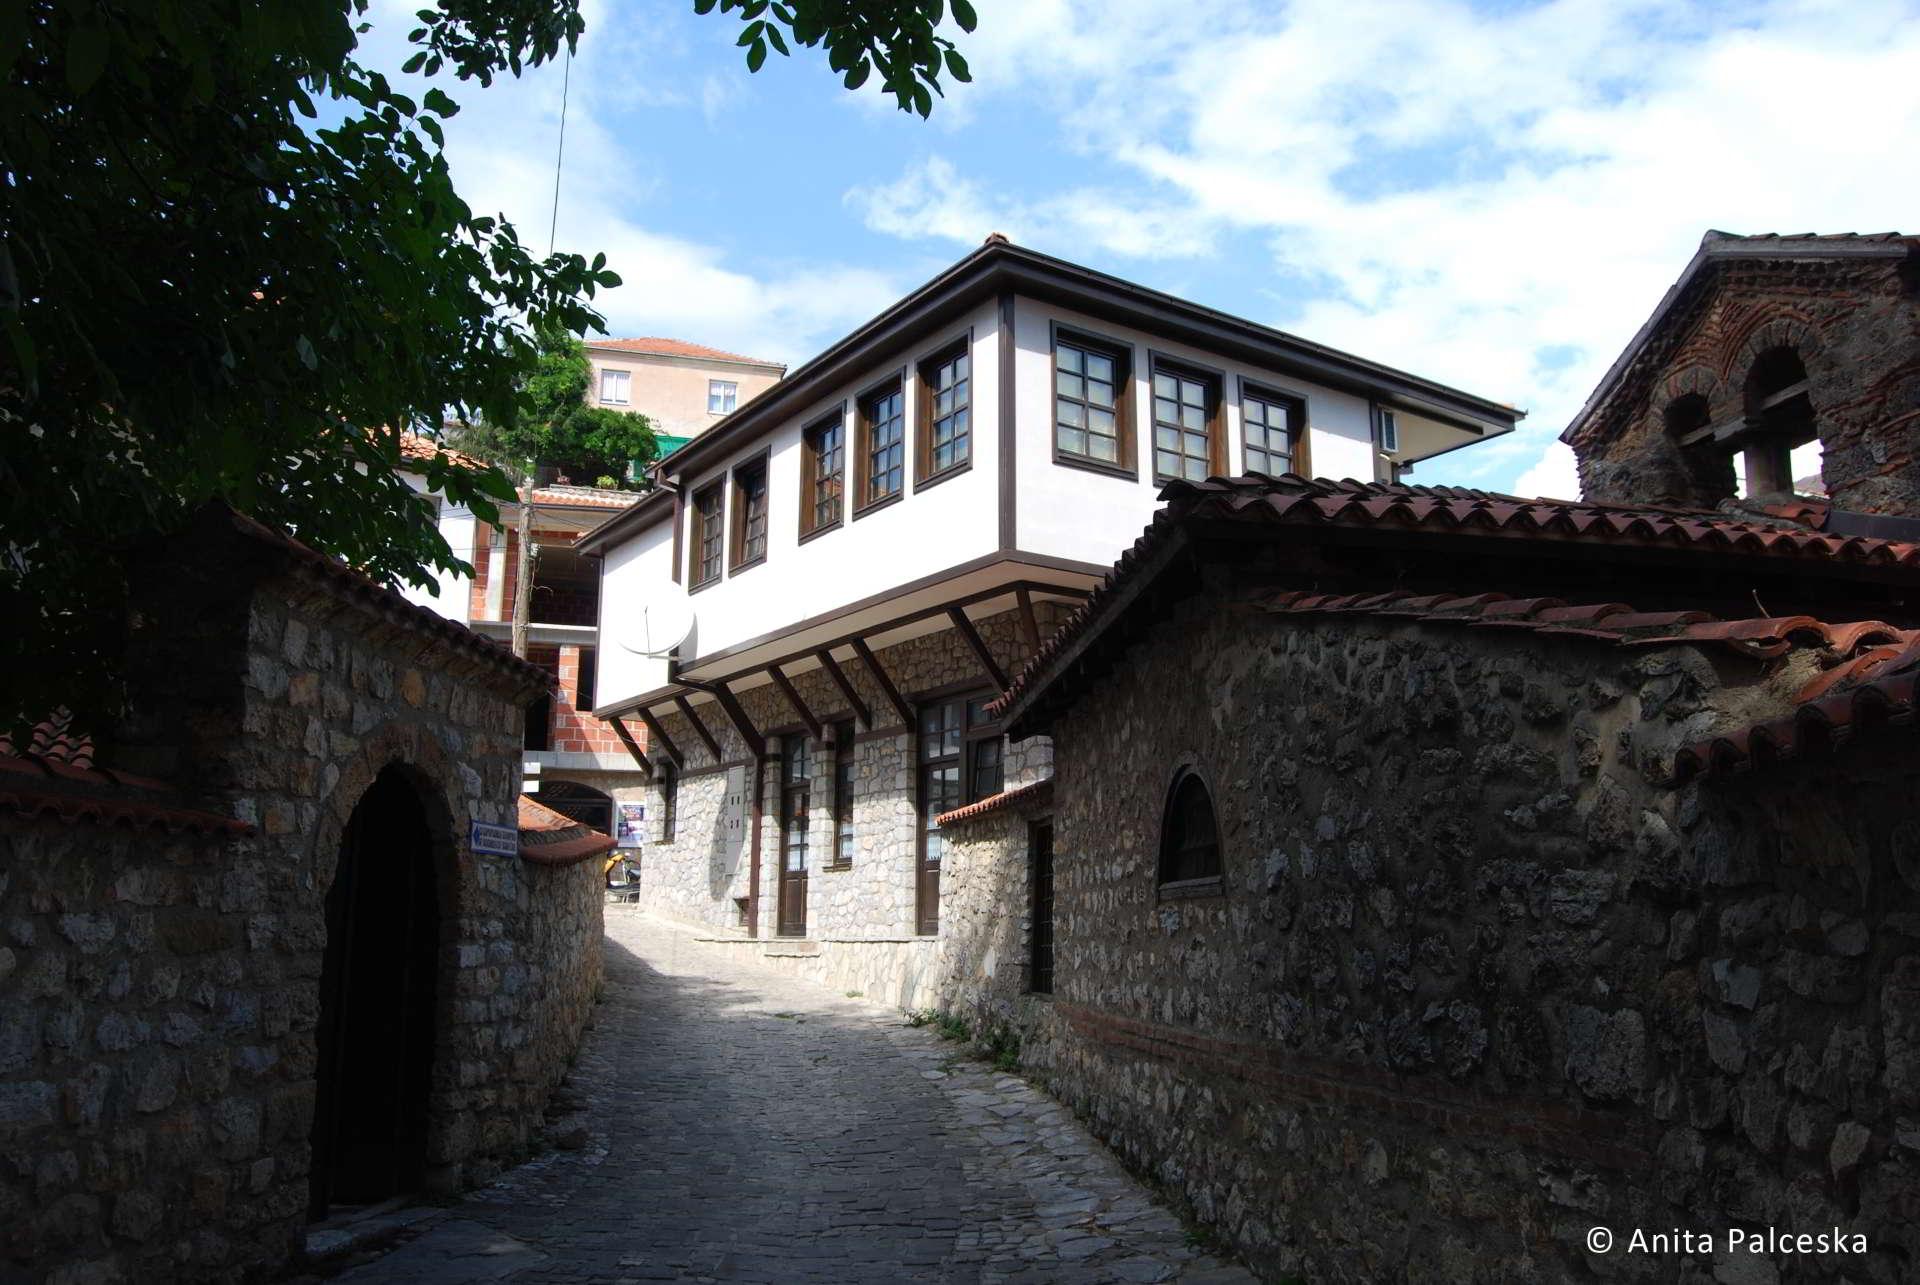 Ohrid architecture